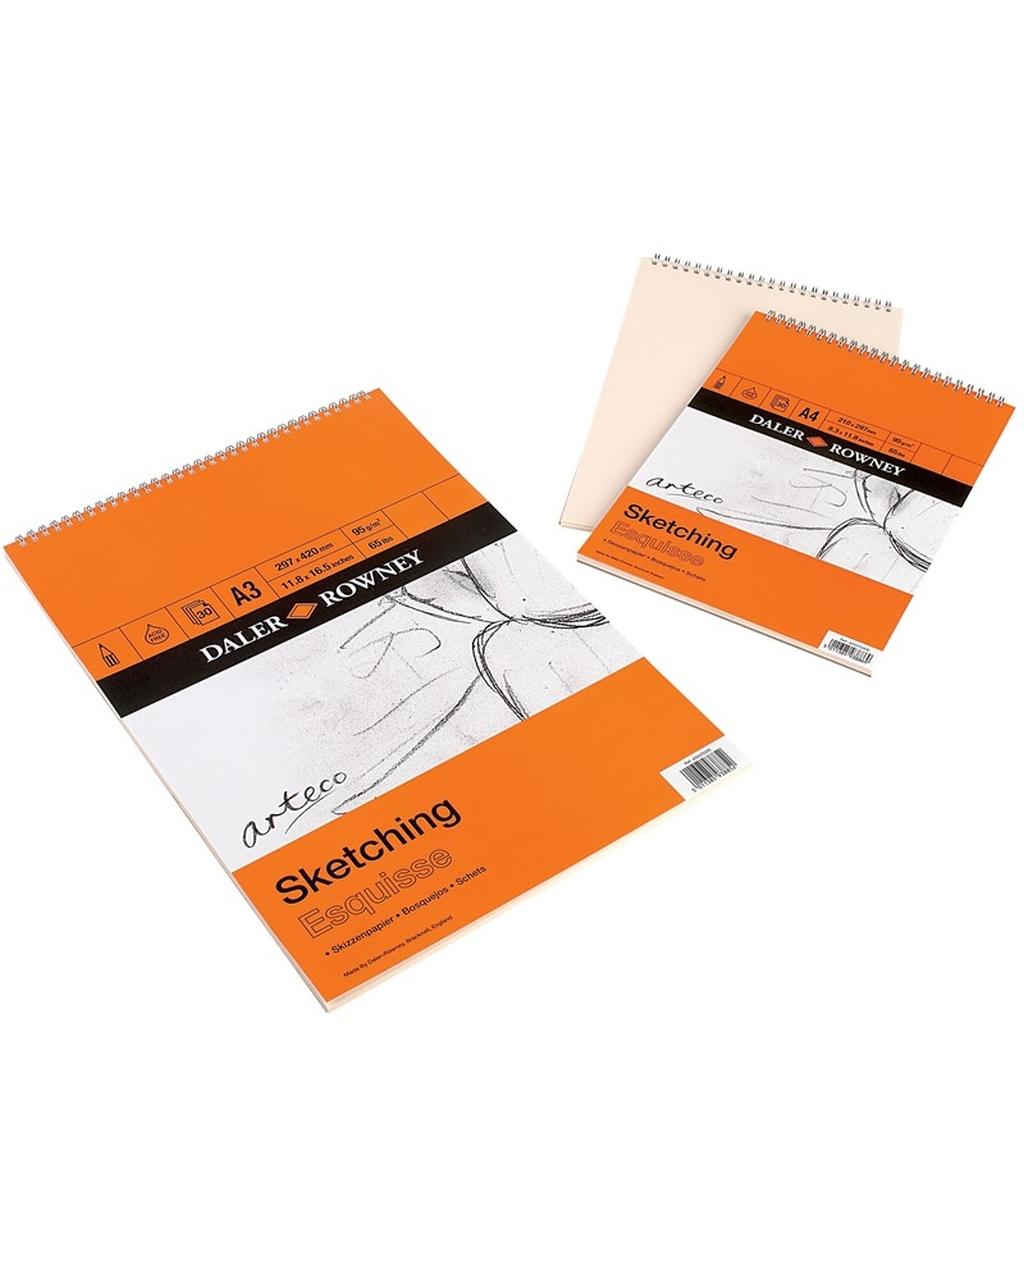 A3 Daler-Rowney Spiral Sketch Pads,30 sheets,95gsm